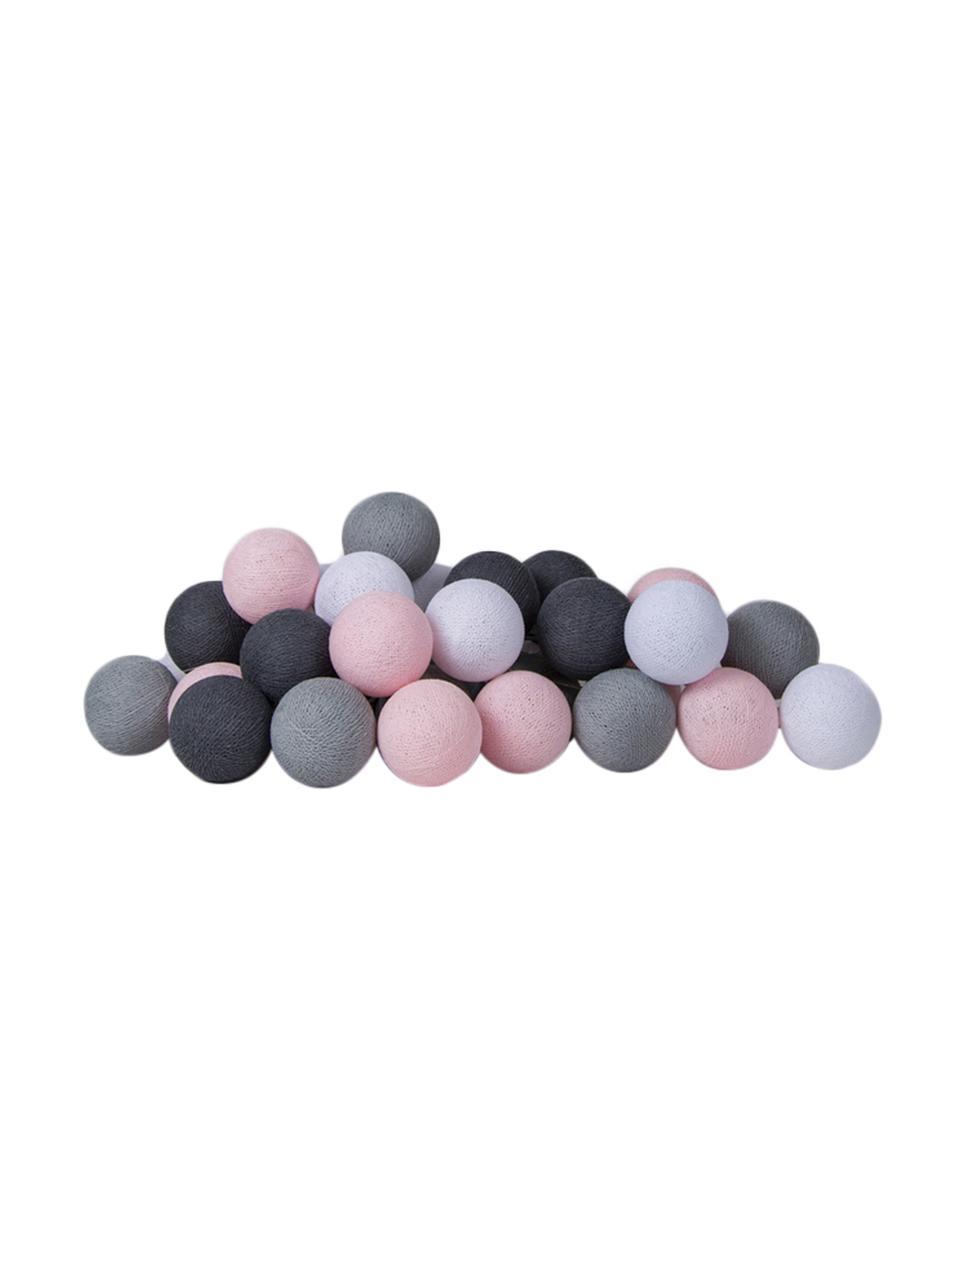 Girlanda świetlna LED Colorain, Blady różowy, odcienie szarego, D 264 cm